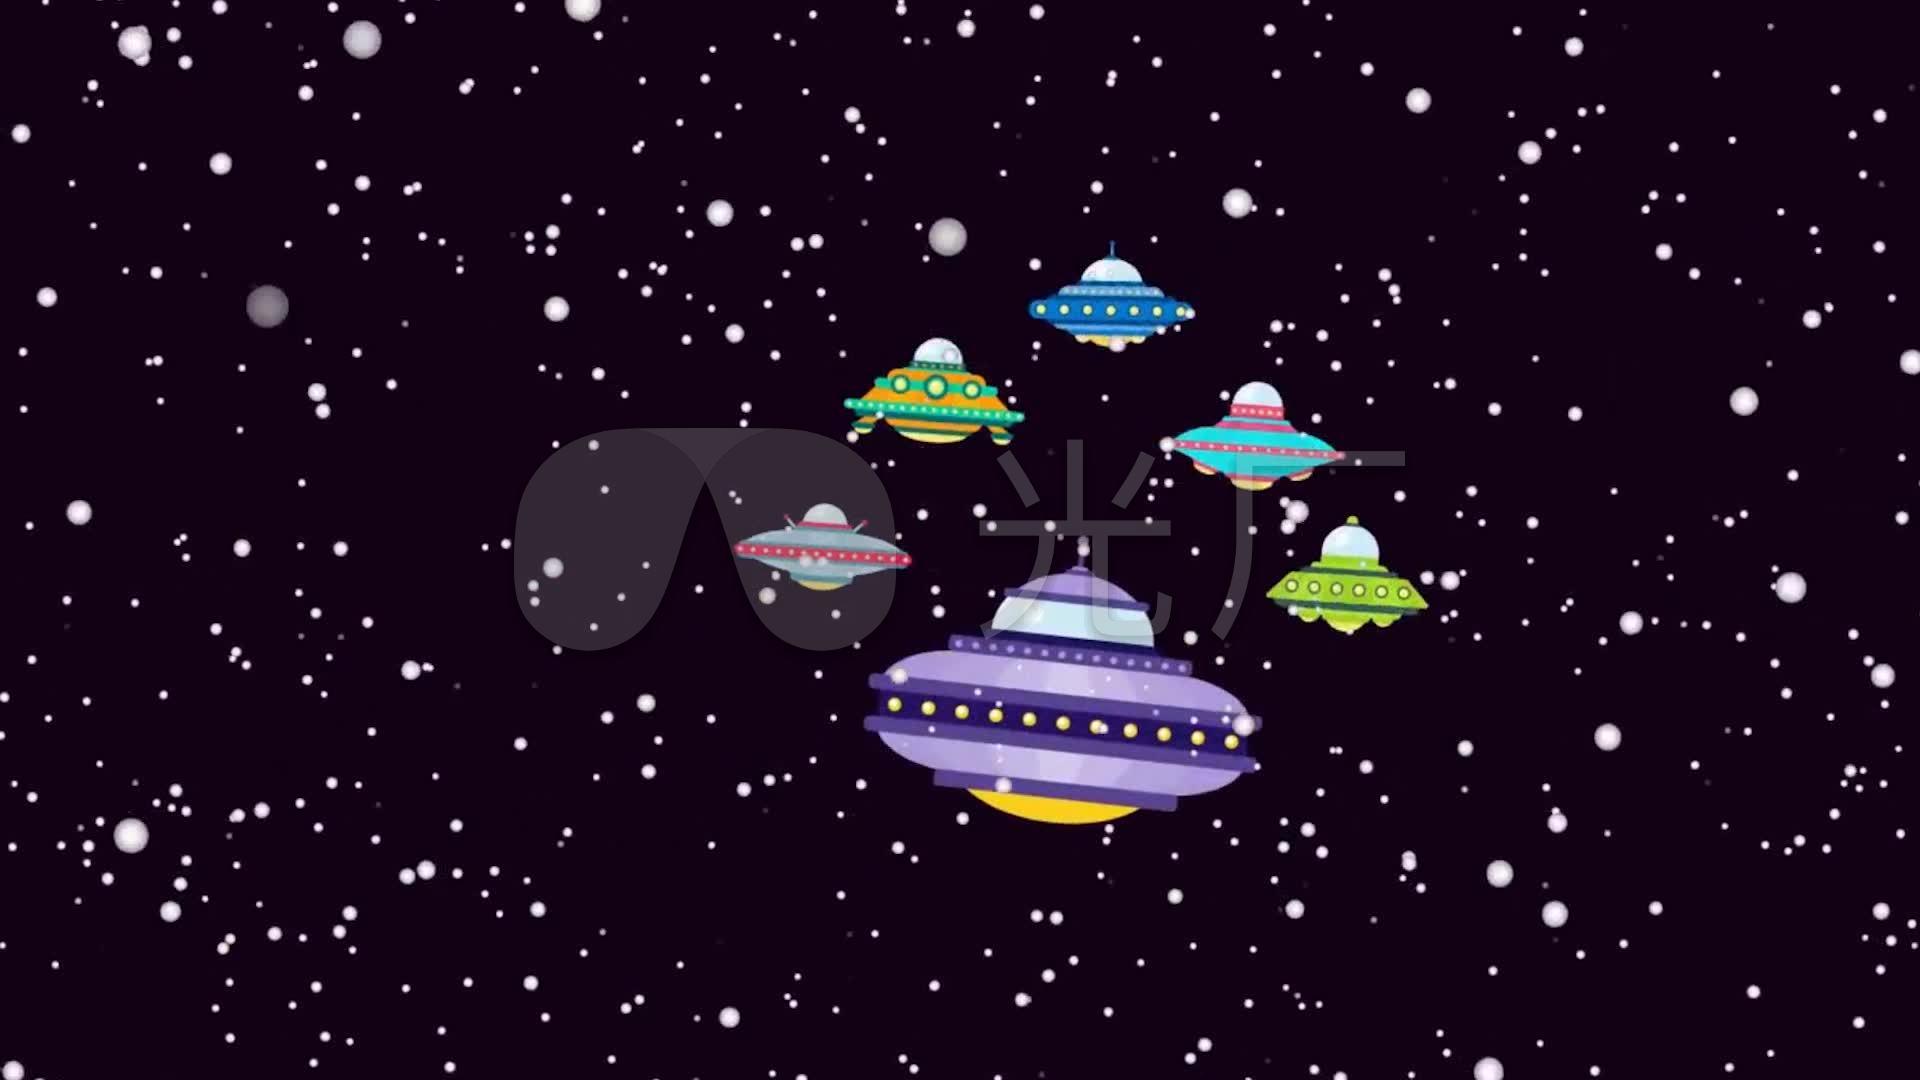 卡通宇宙飞船外星人图片